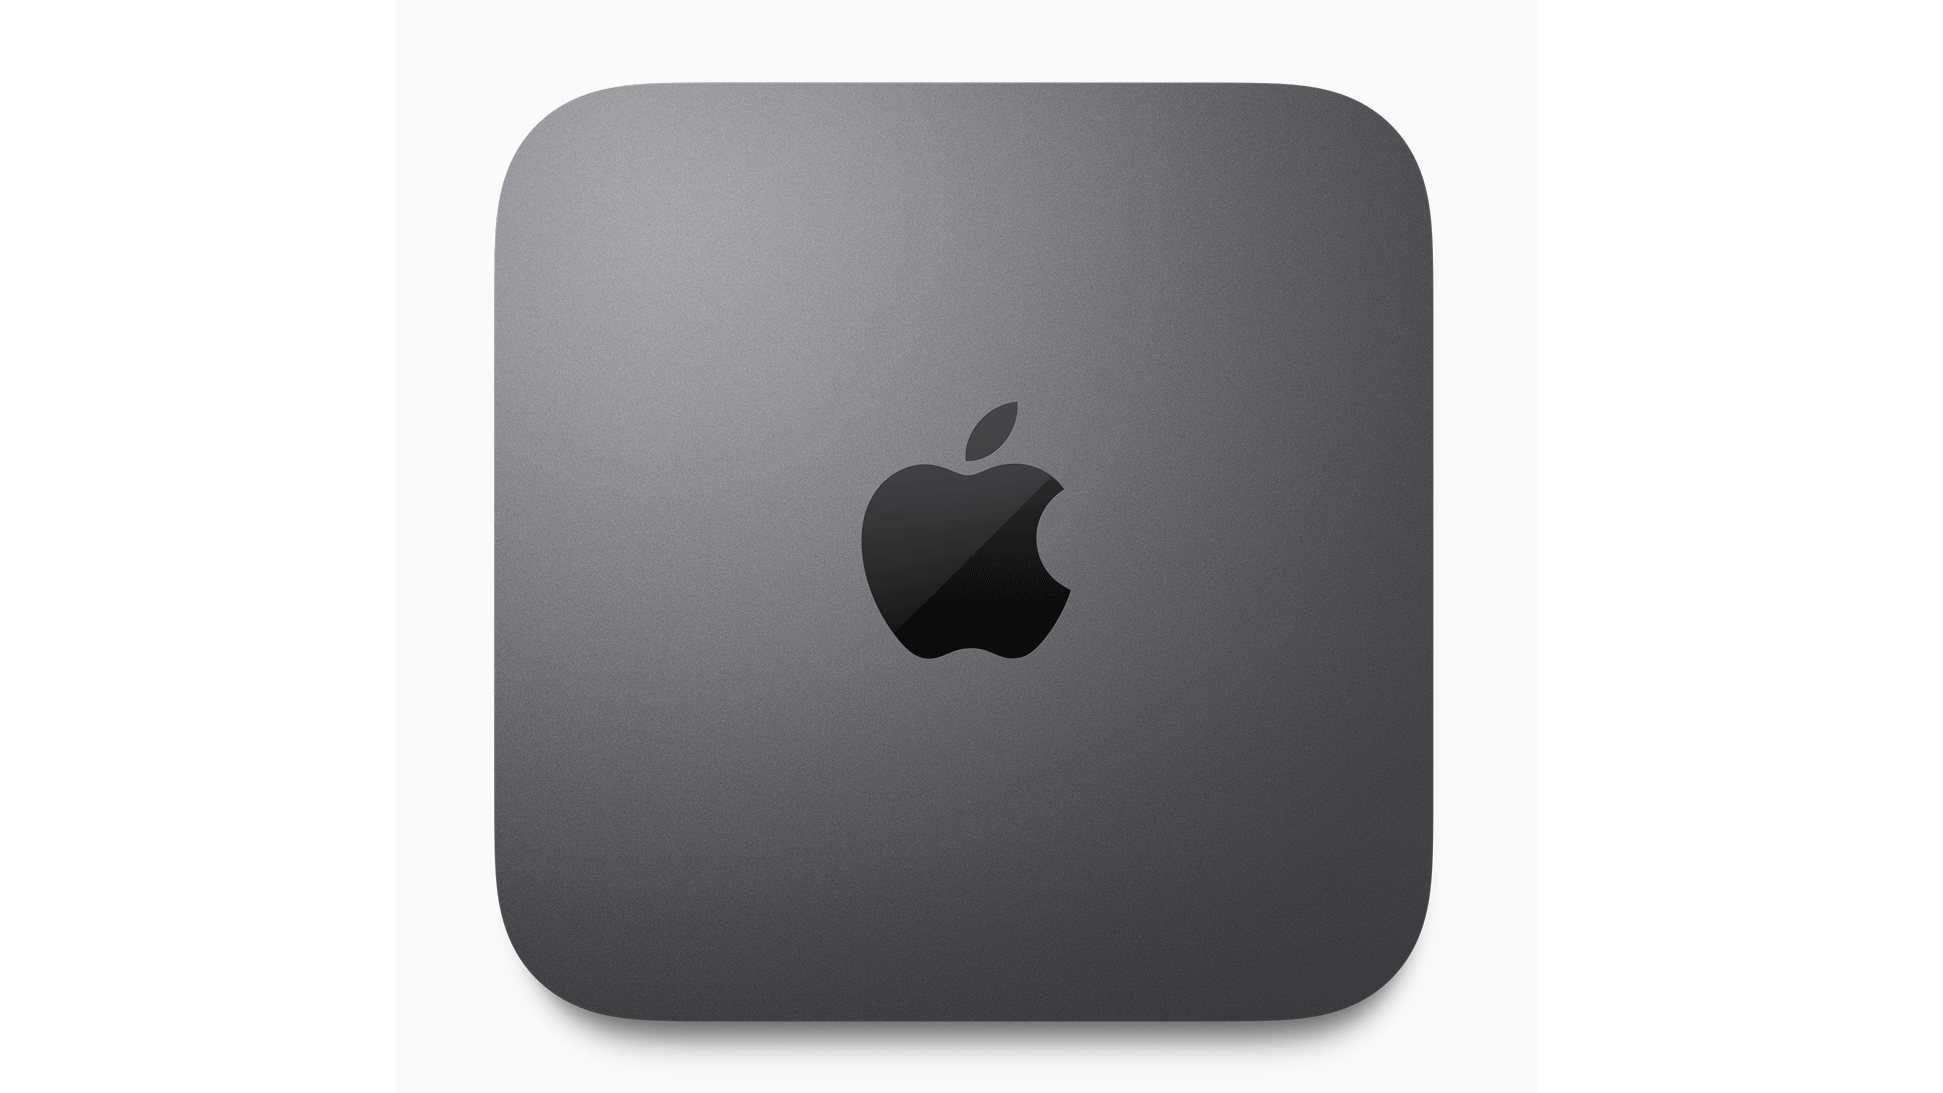 mac mini 2018 vs mac mini 2014